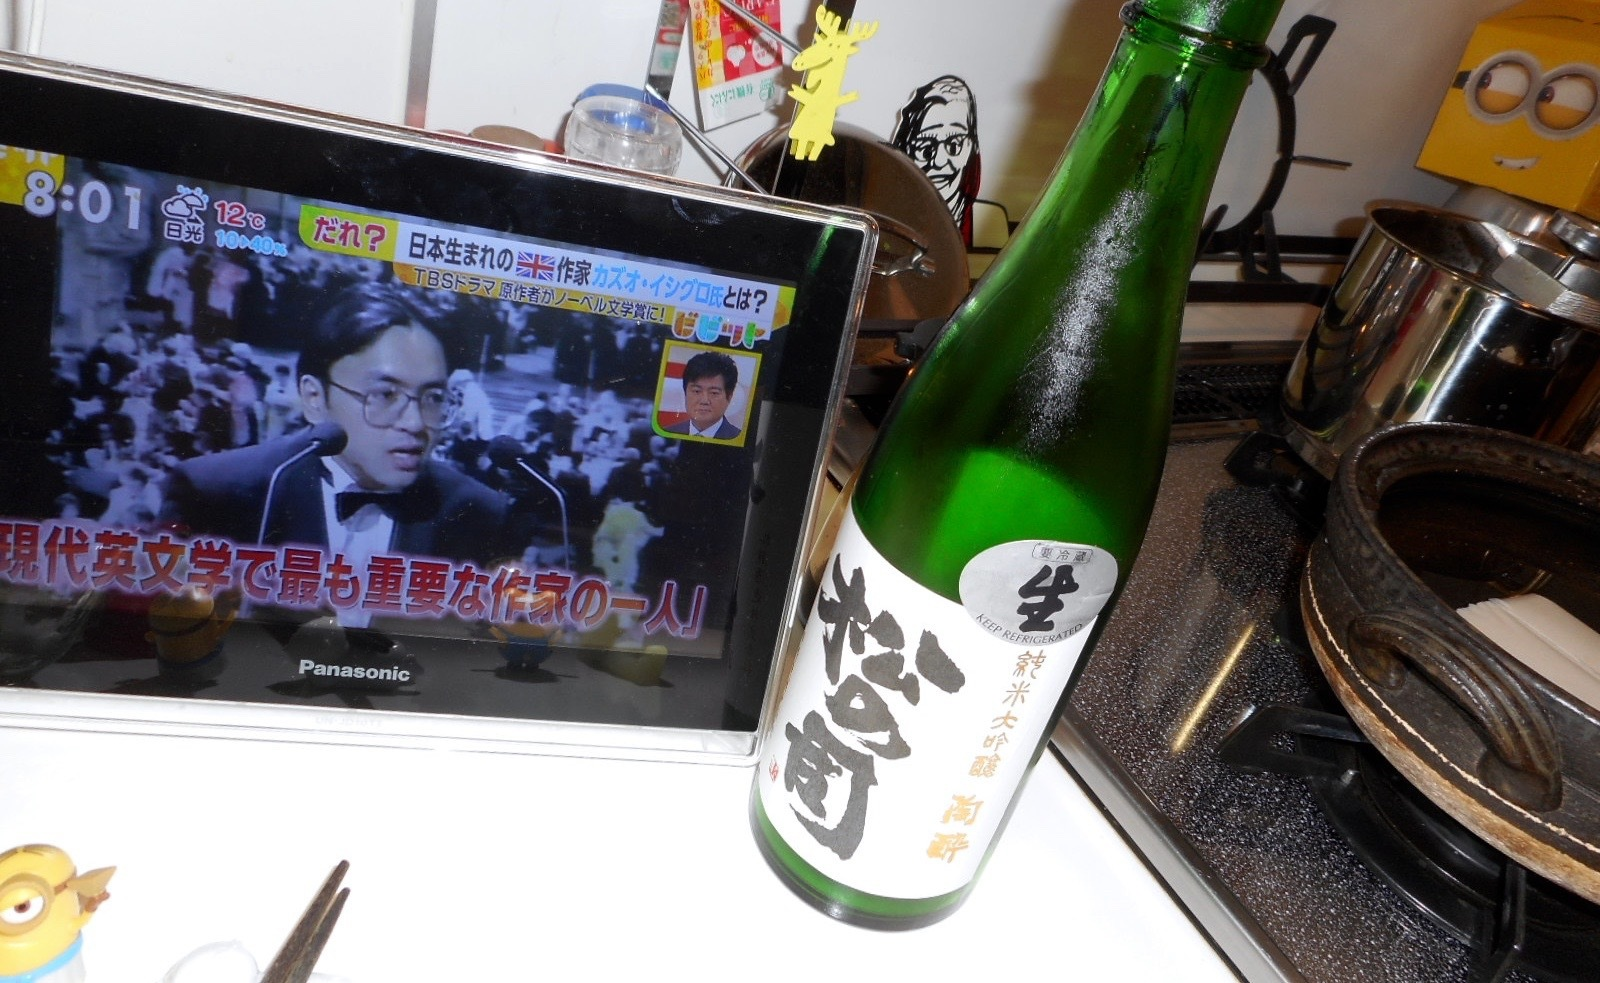 yonetsuru_yamahaijundai28by2_8.jpg